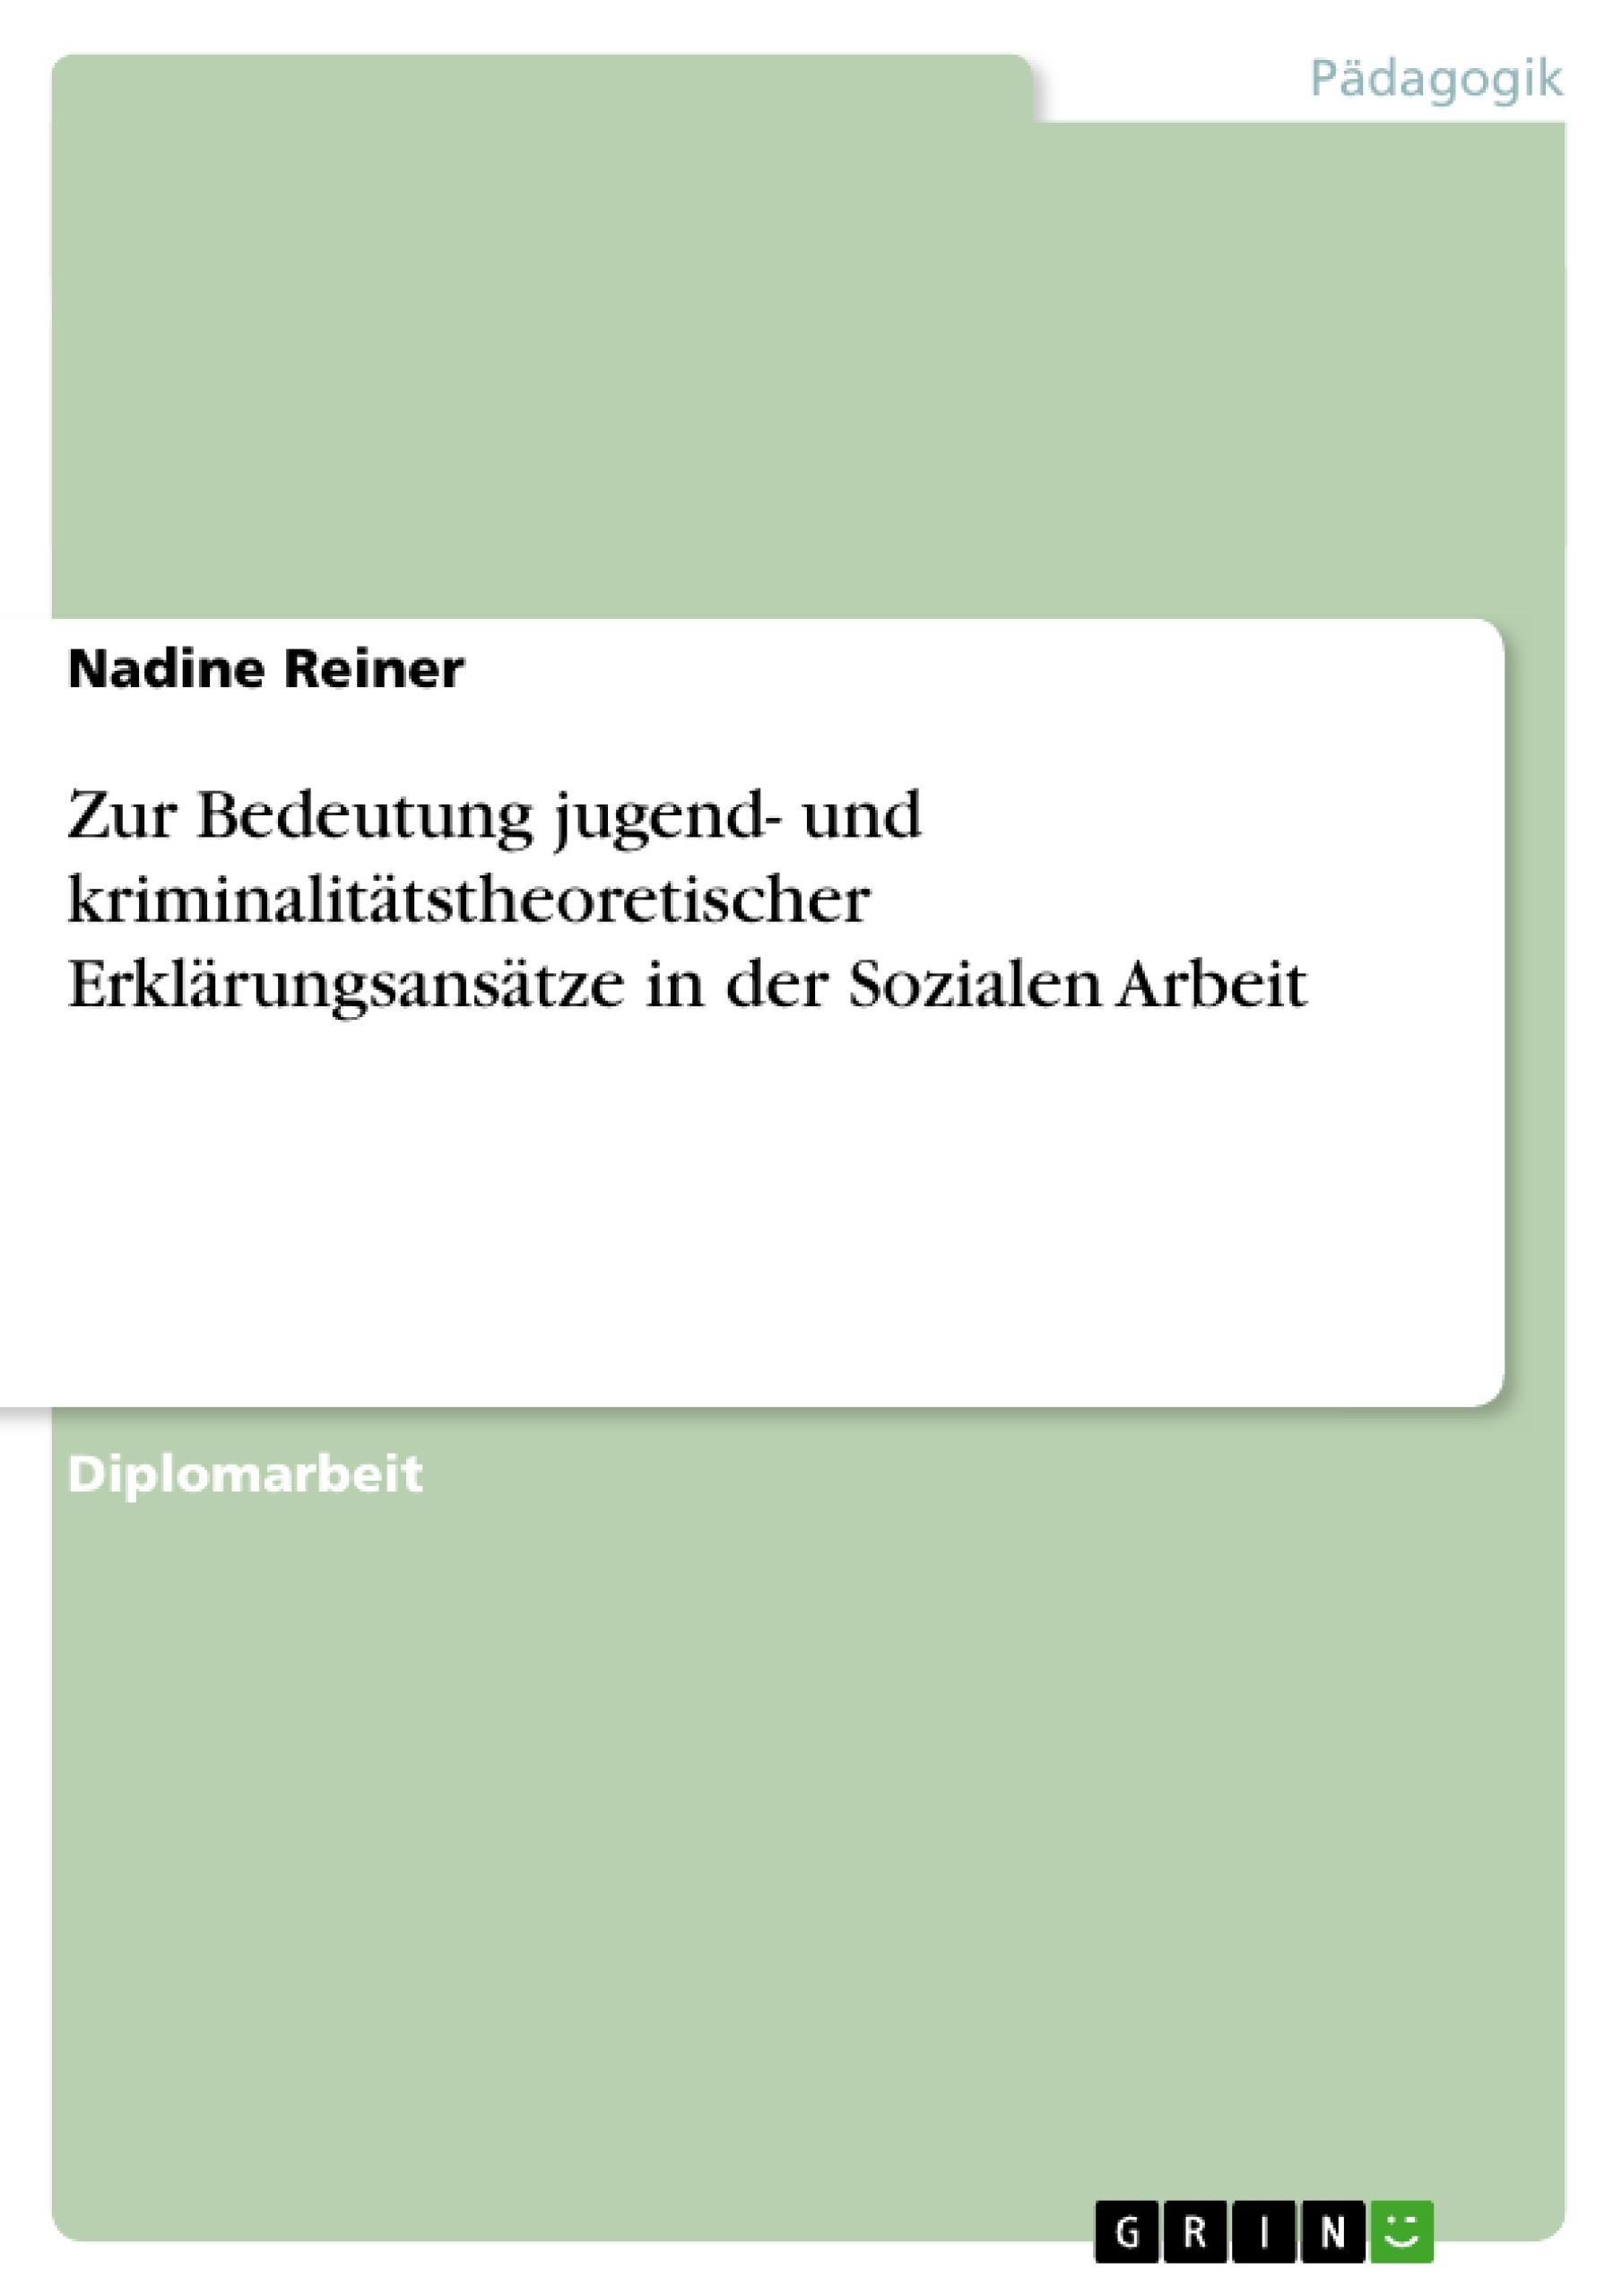 Titel: Zur Bedeutung jugend- und kriminalitätstheoretischer Erklärungsansätze in der Sozialen Arbeit